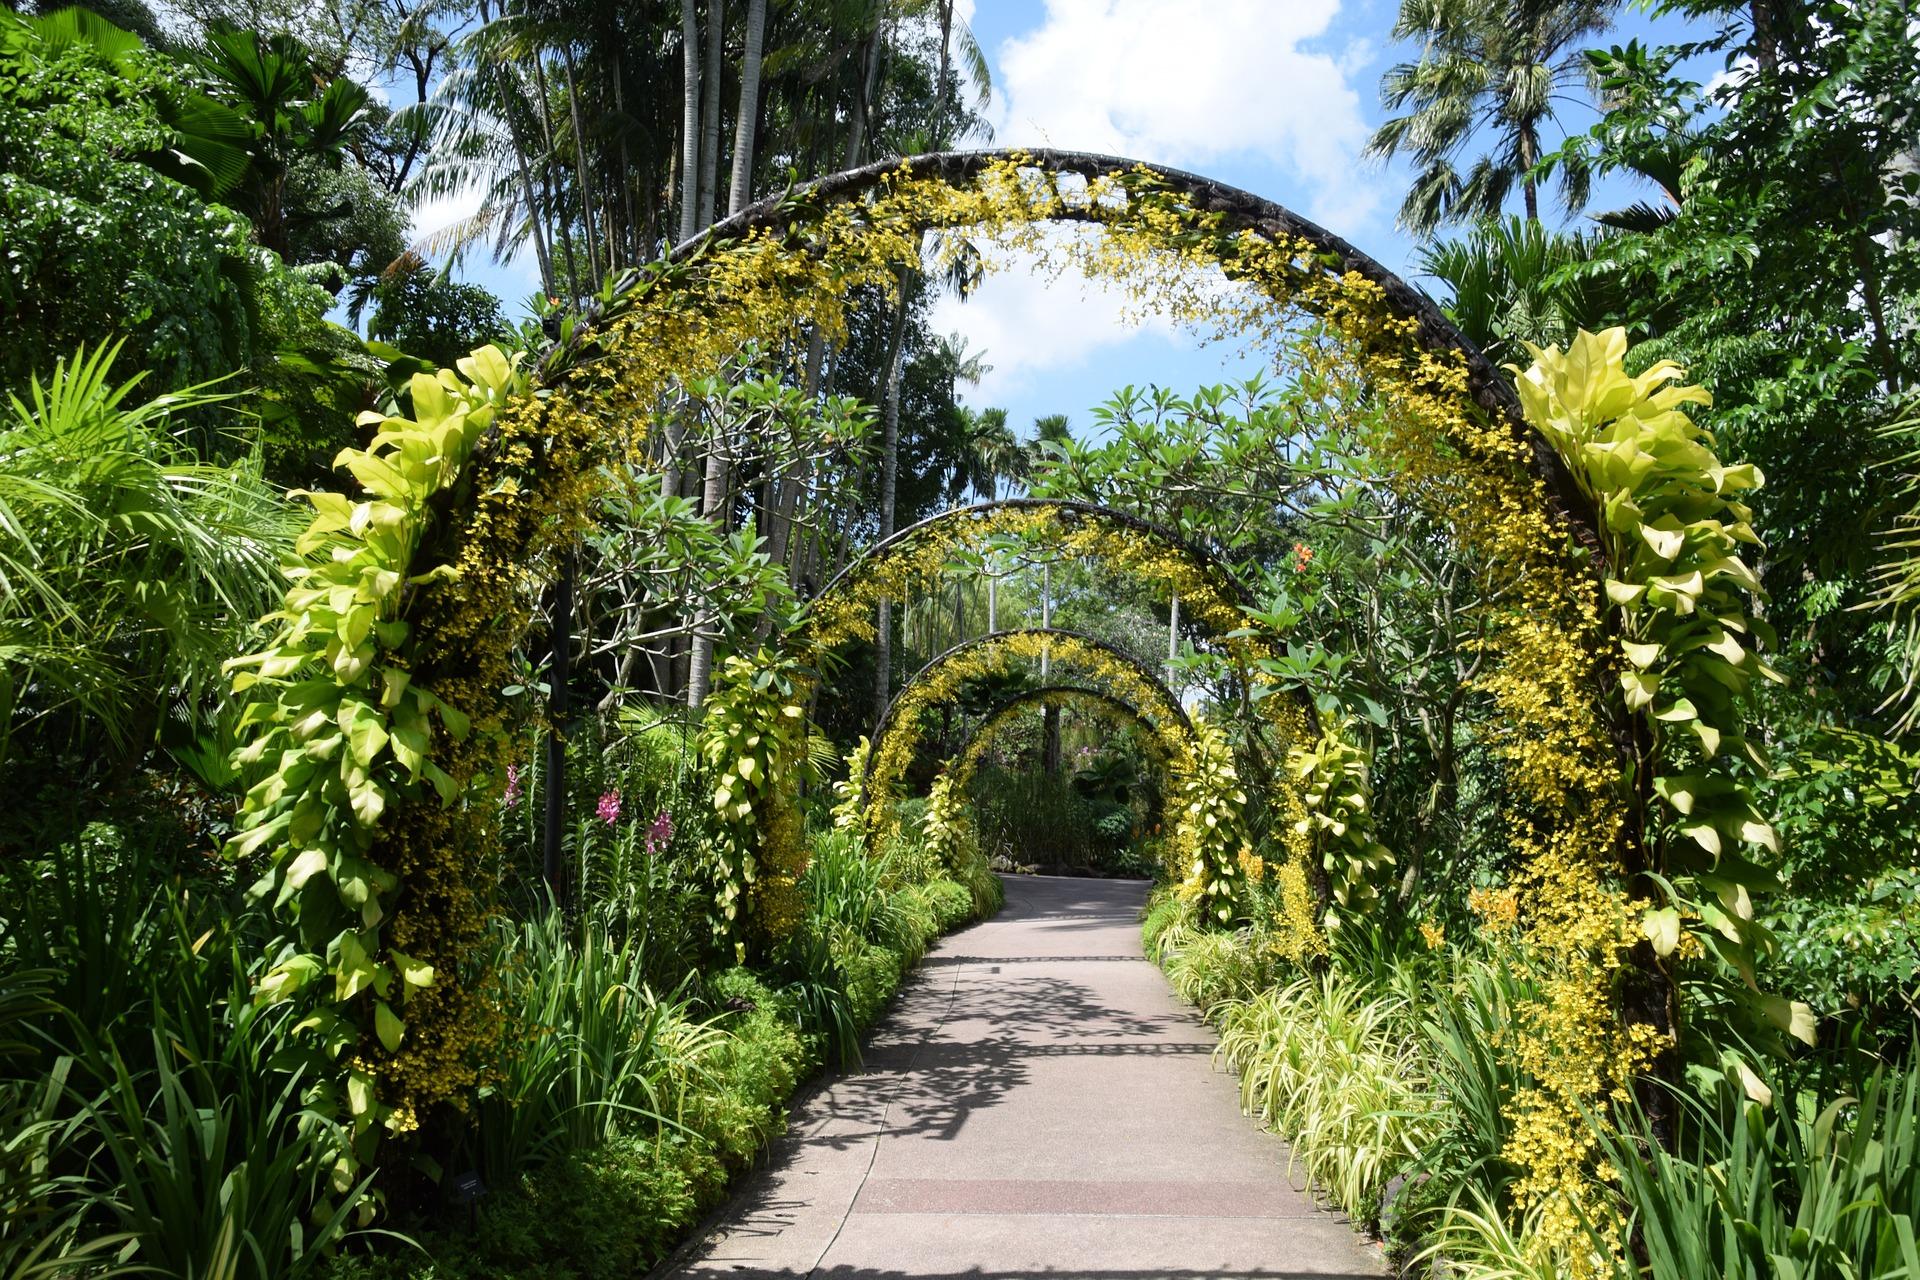 singapore-1132081_1920.jpg